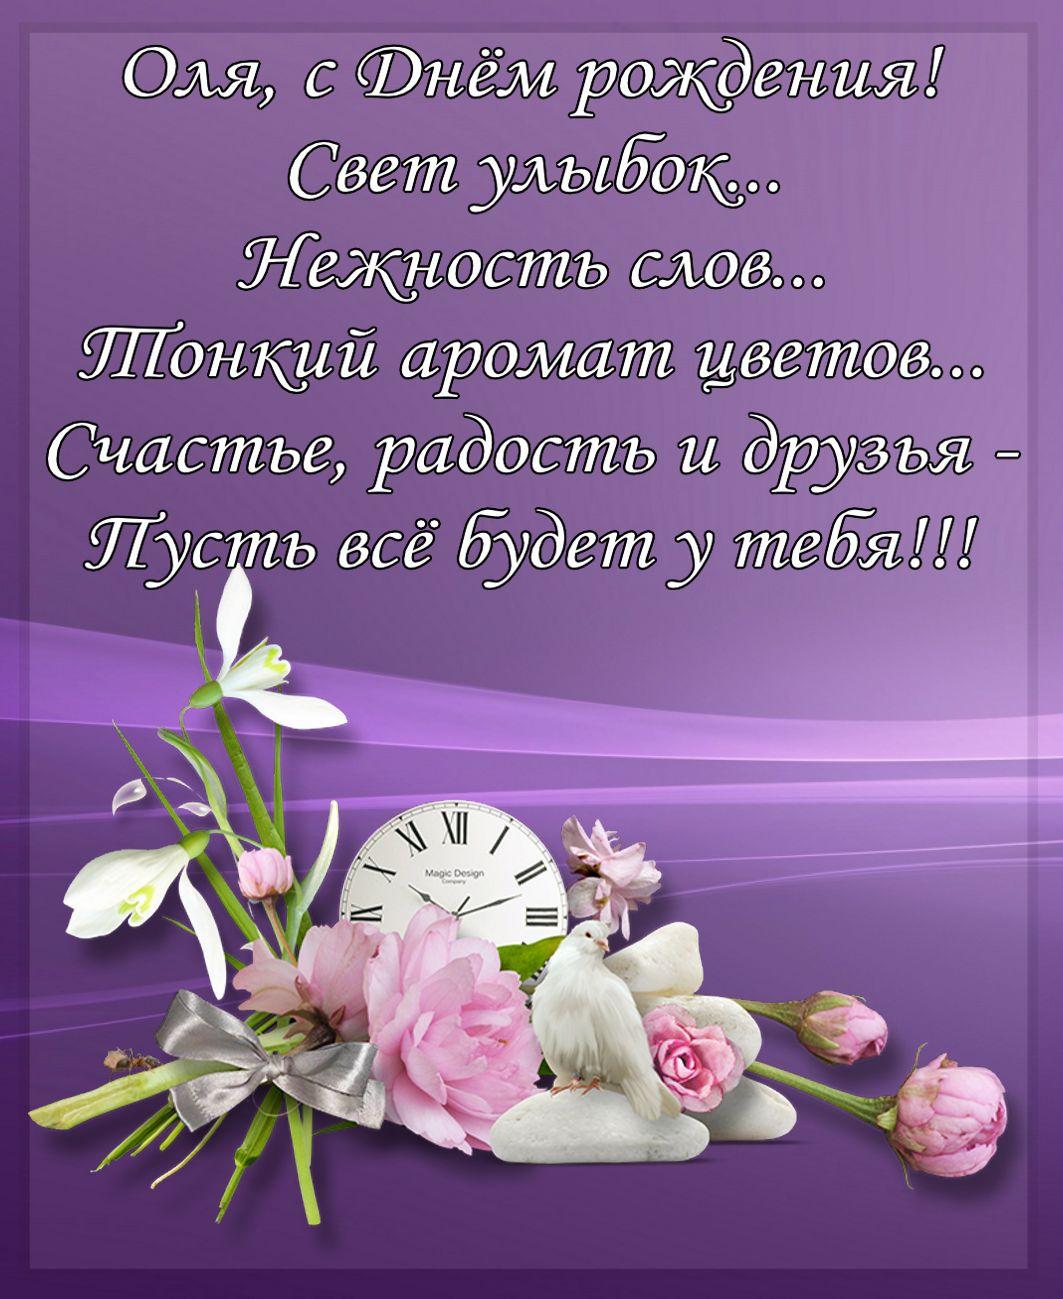 Поздравление на красивом фоне с цветами для Оли